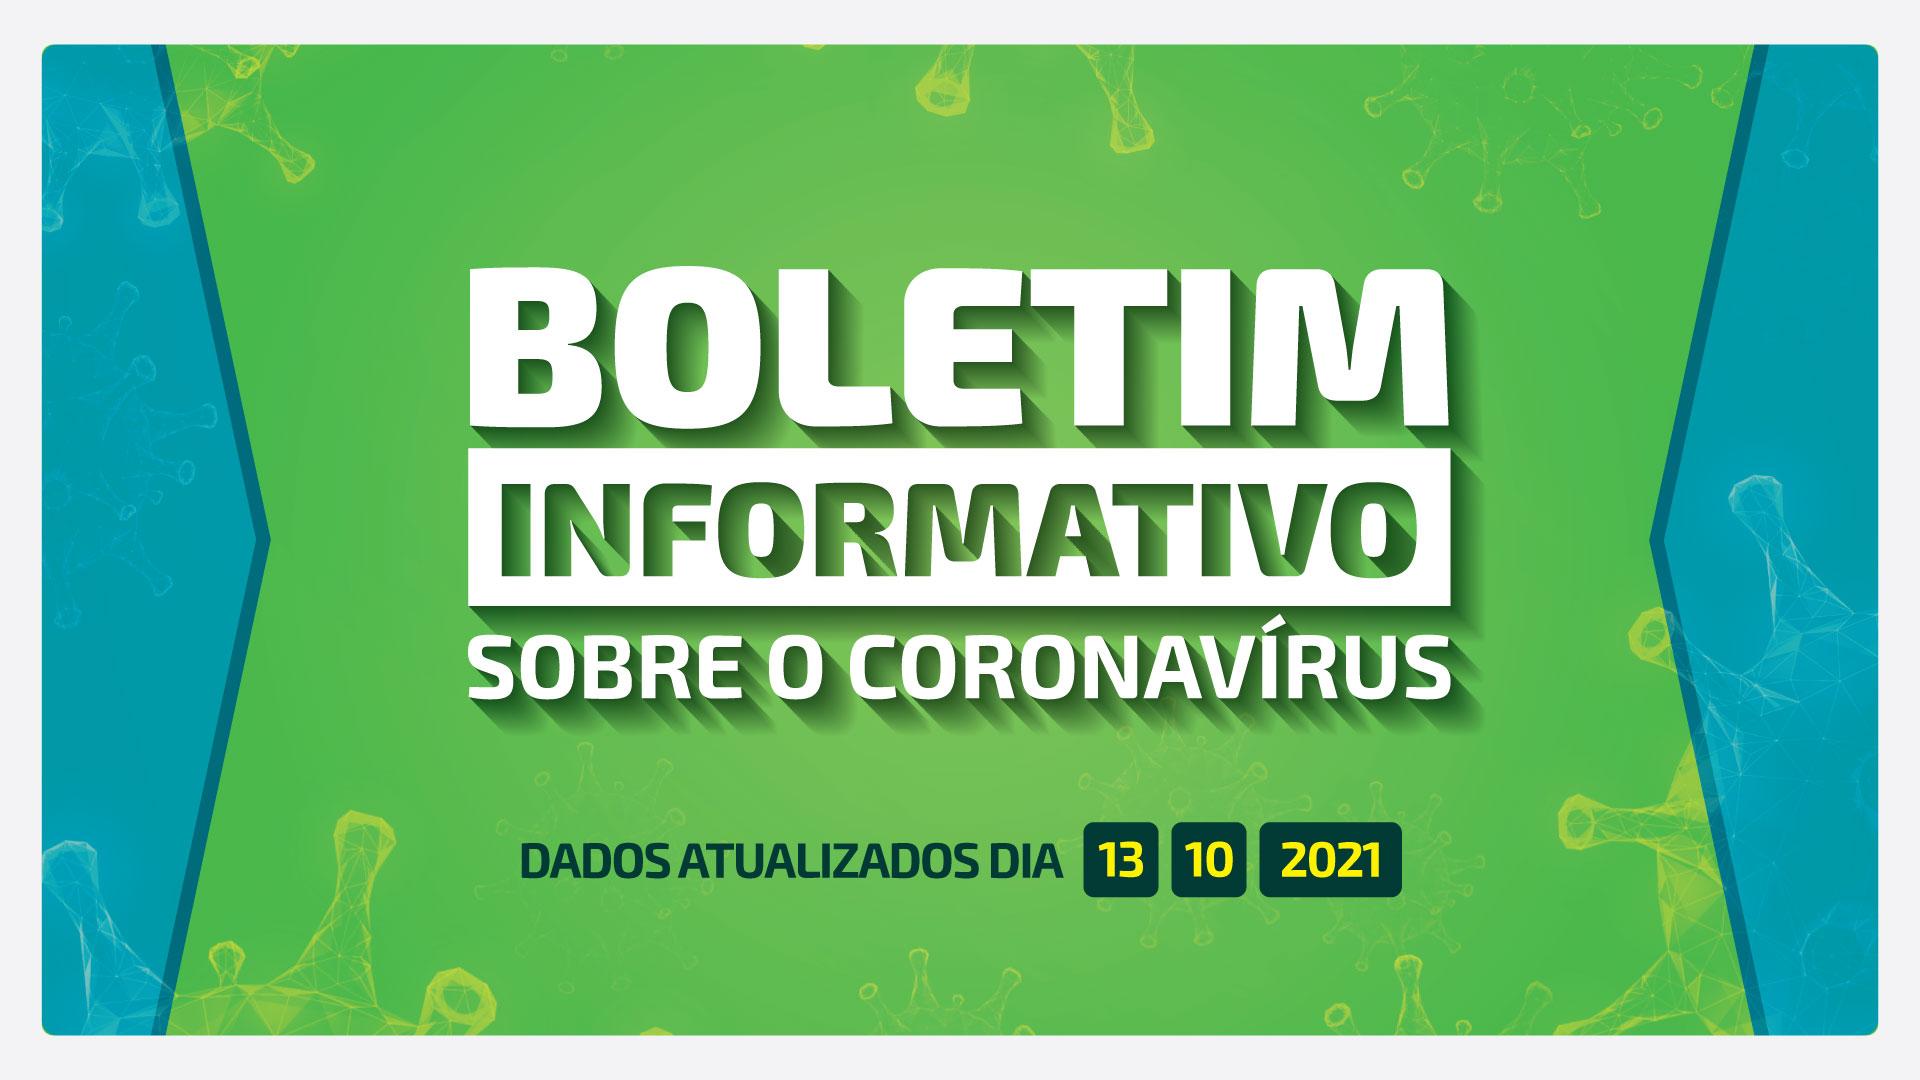 BOLETIM DIÁRIO DA COVID-19 EM BARRA BONITA - 13 DE OUTUBRO DE 2021